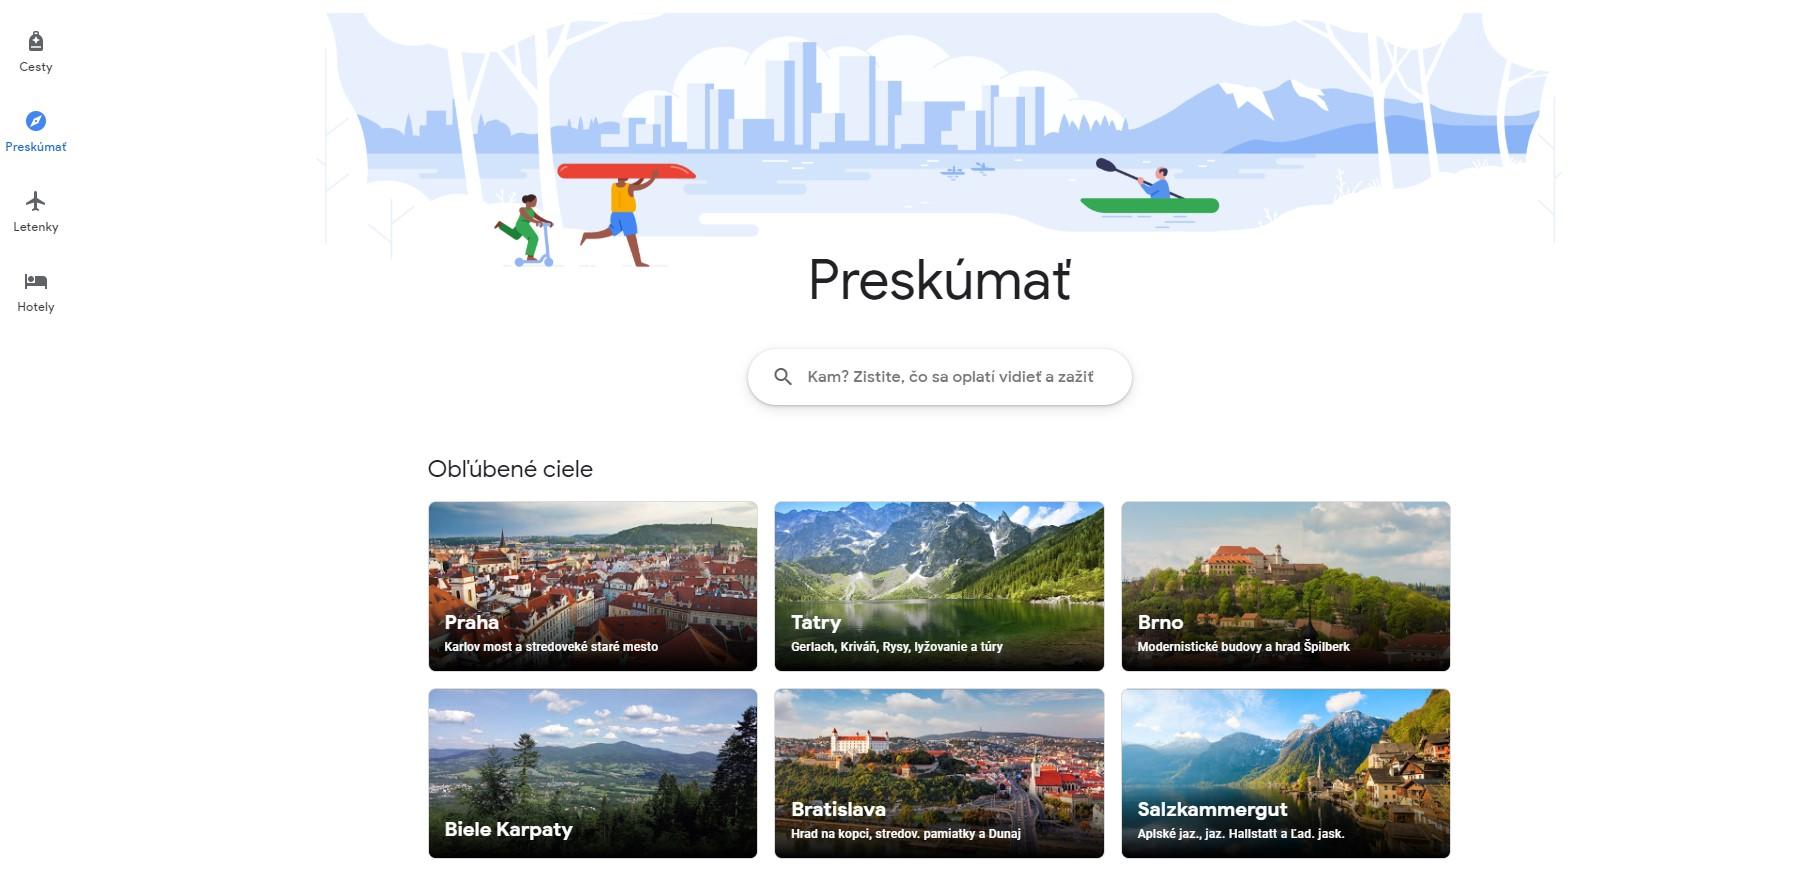 google cesty